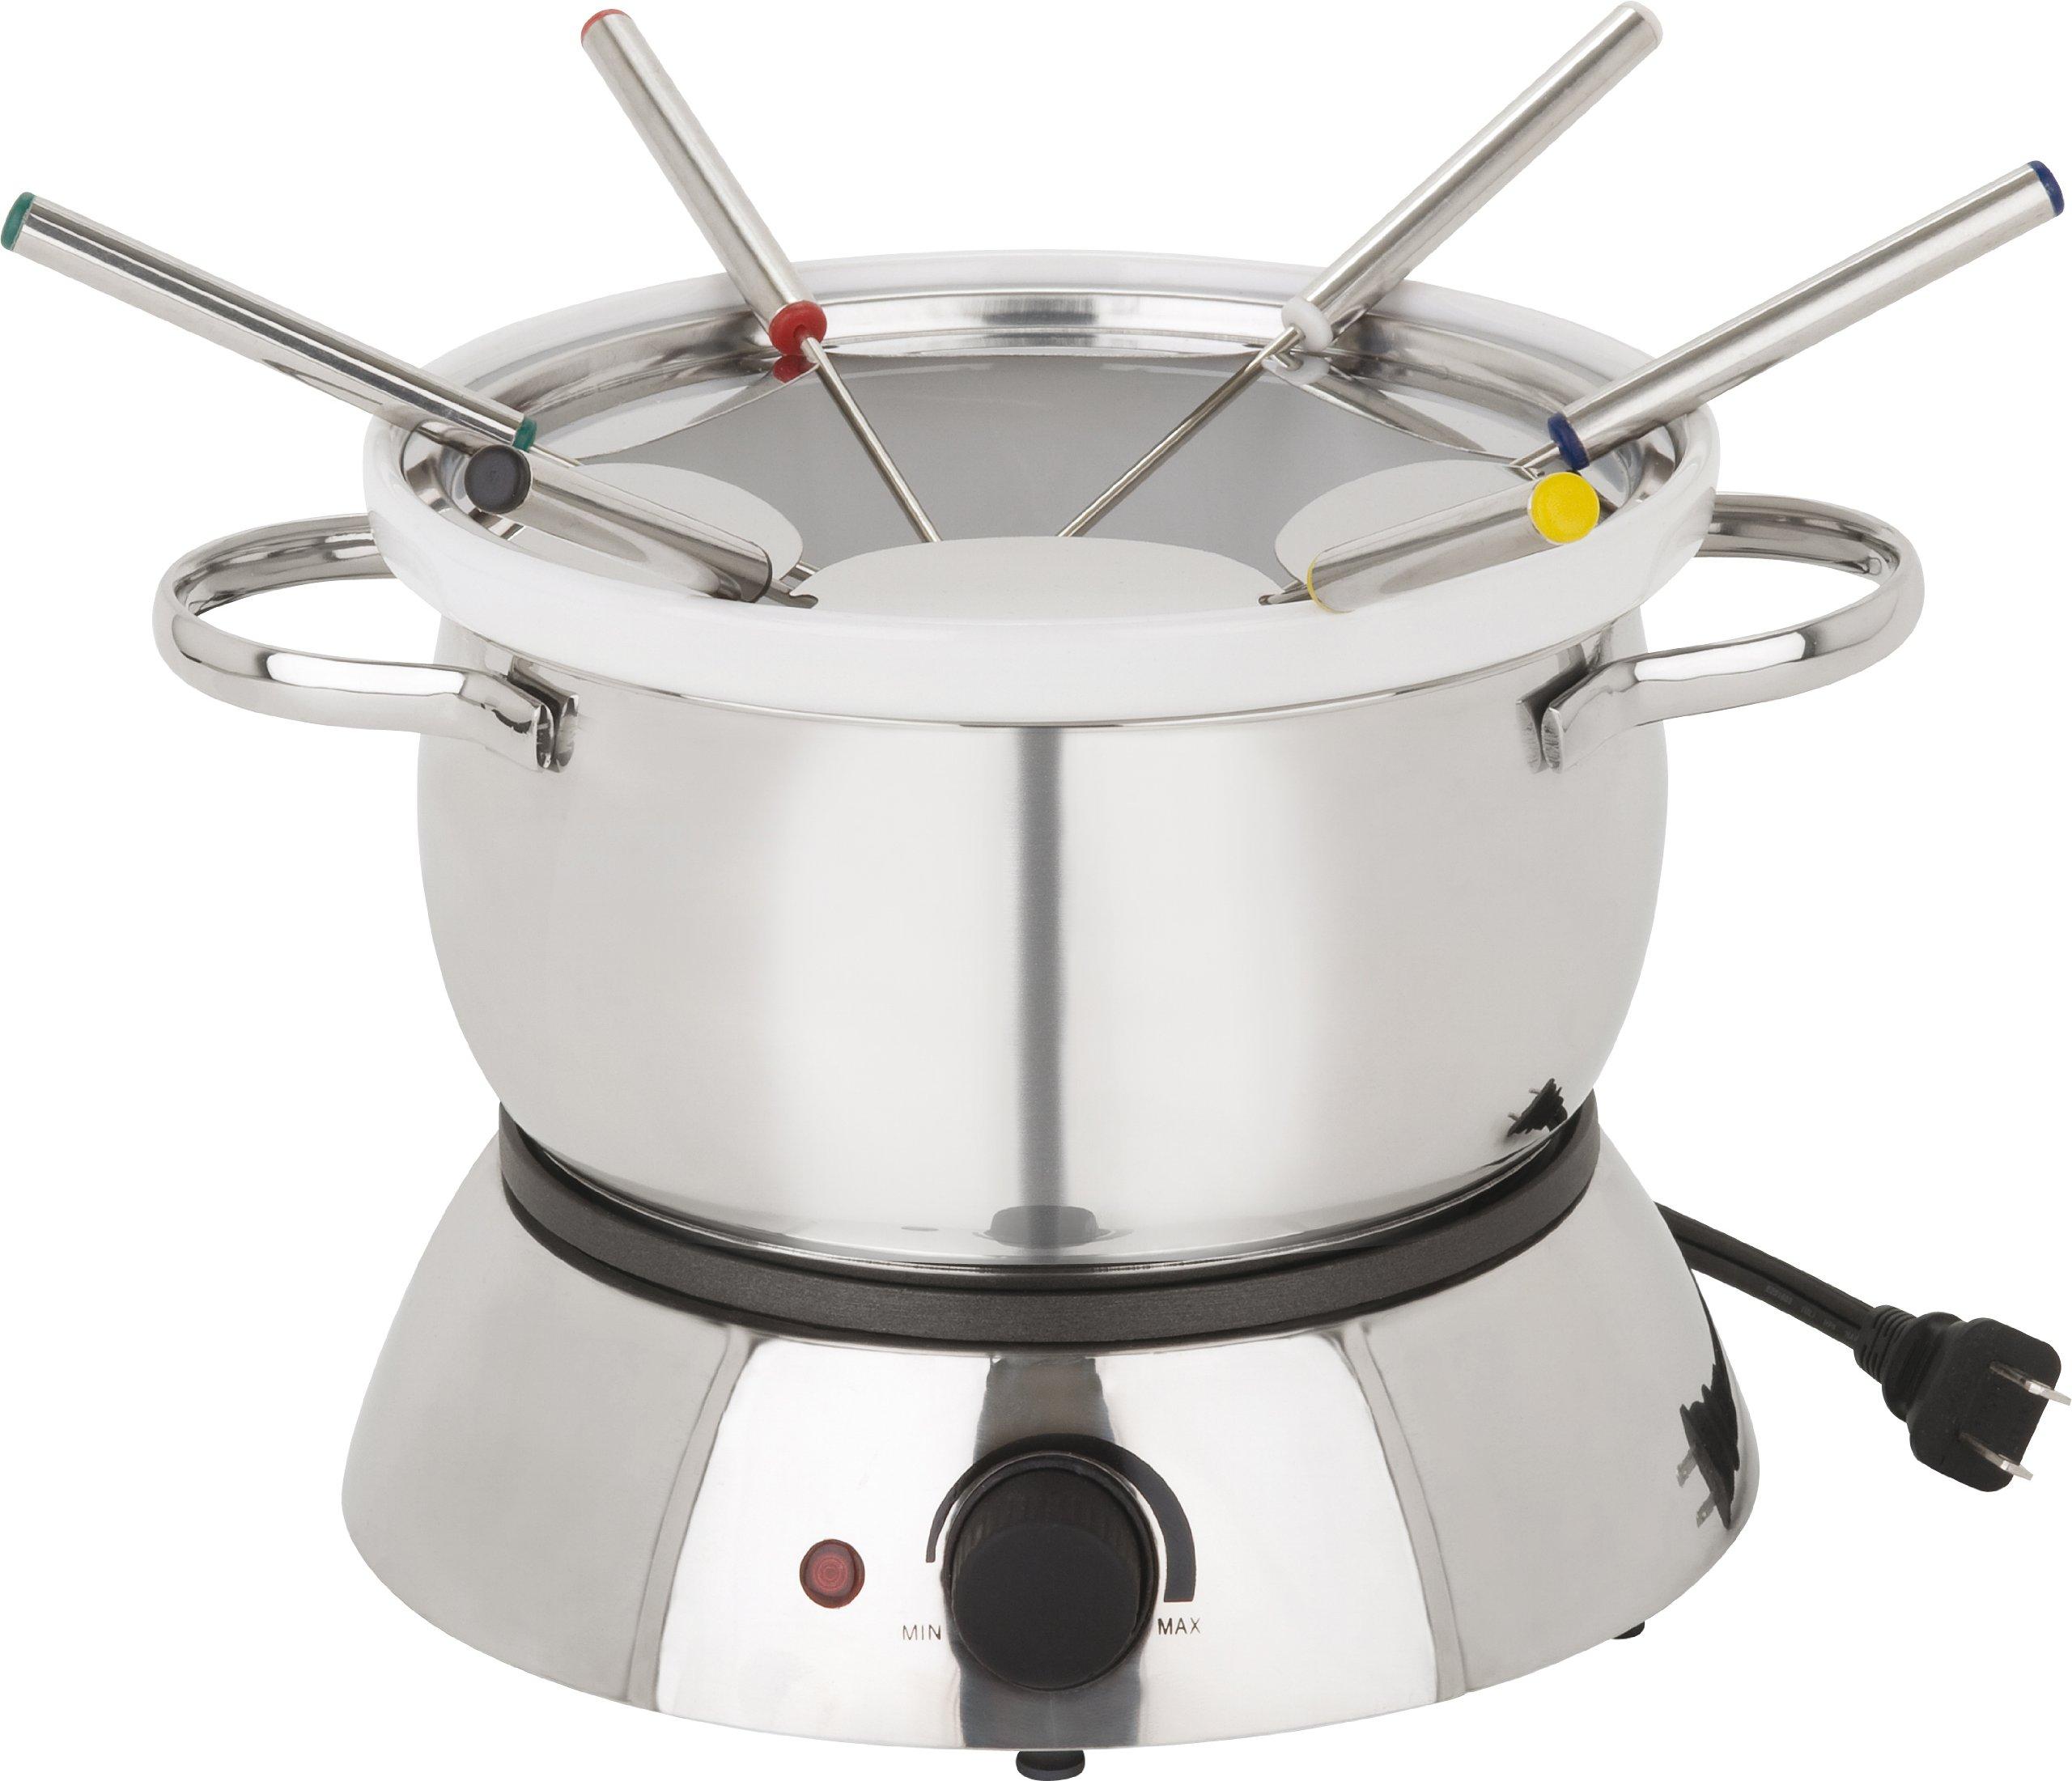 Trudeau alto 3 in 1 electric fondue set, 11-piece set